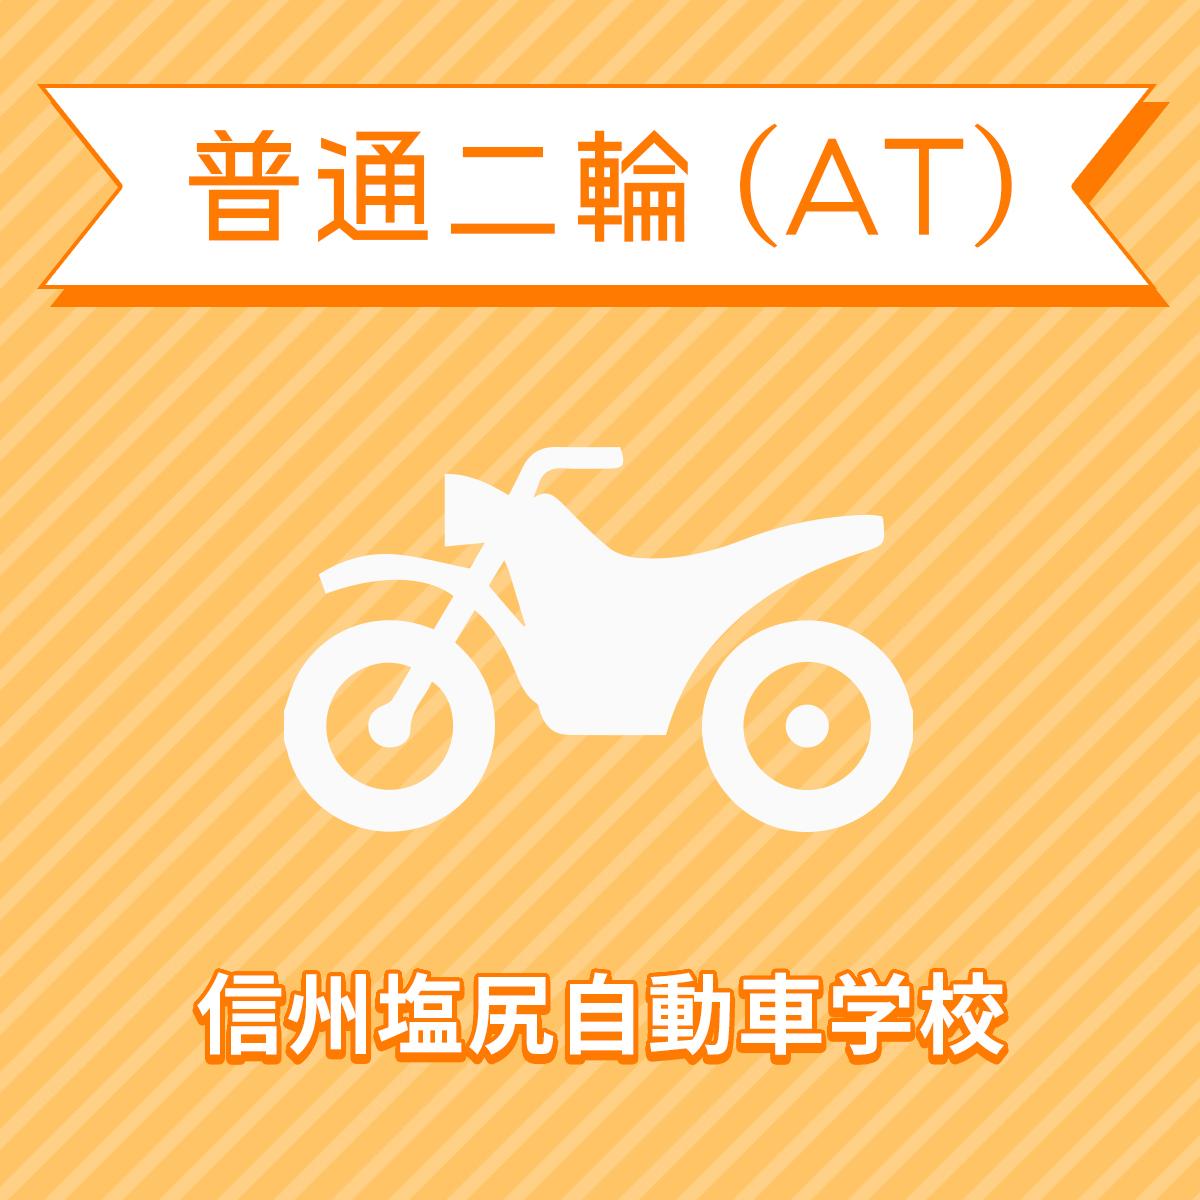 【長野県塩尻市】普通二輪ATコース<免許なし/原付免許所持対象>